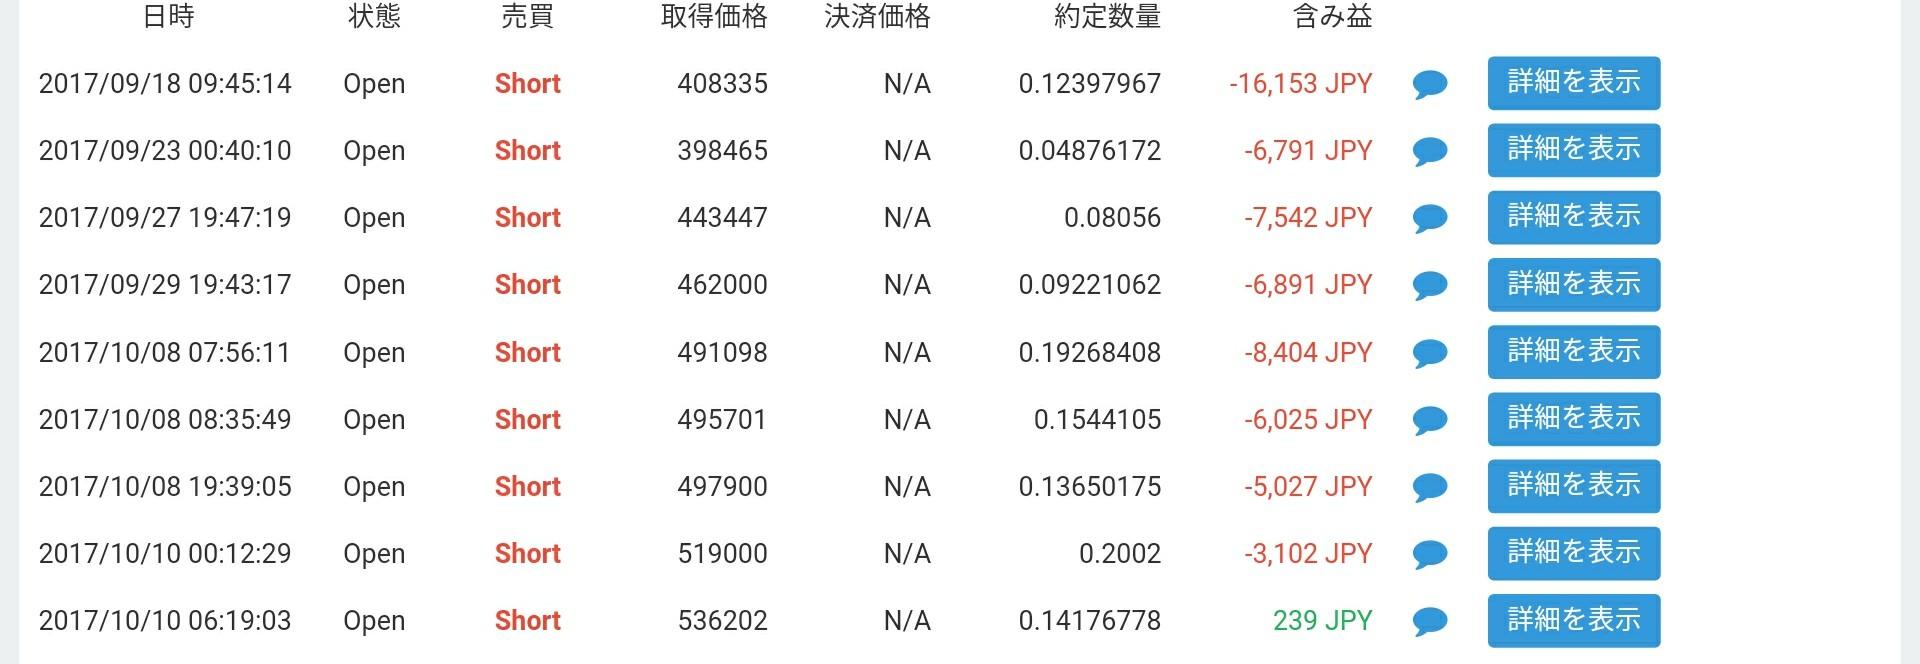 仮想通貨短期トレード23日目